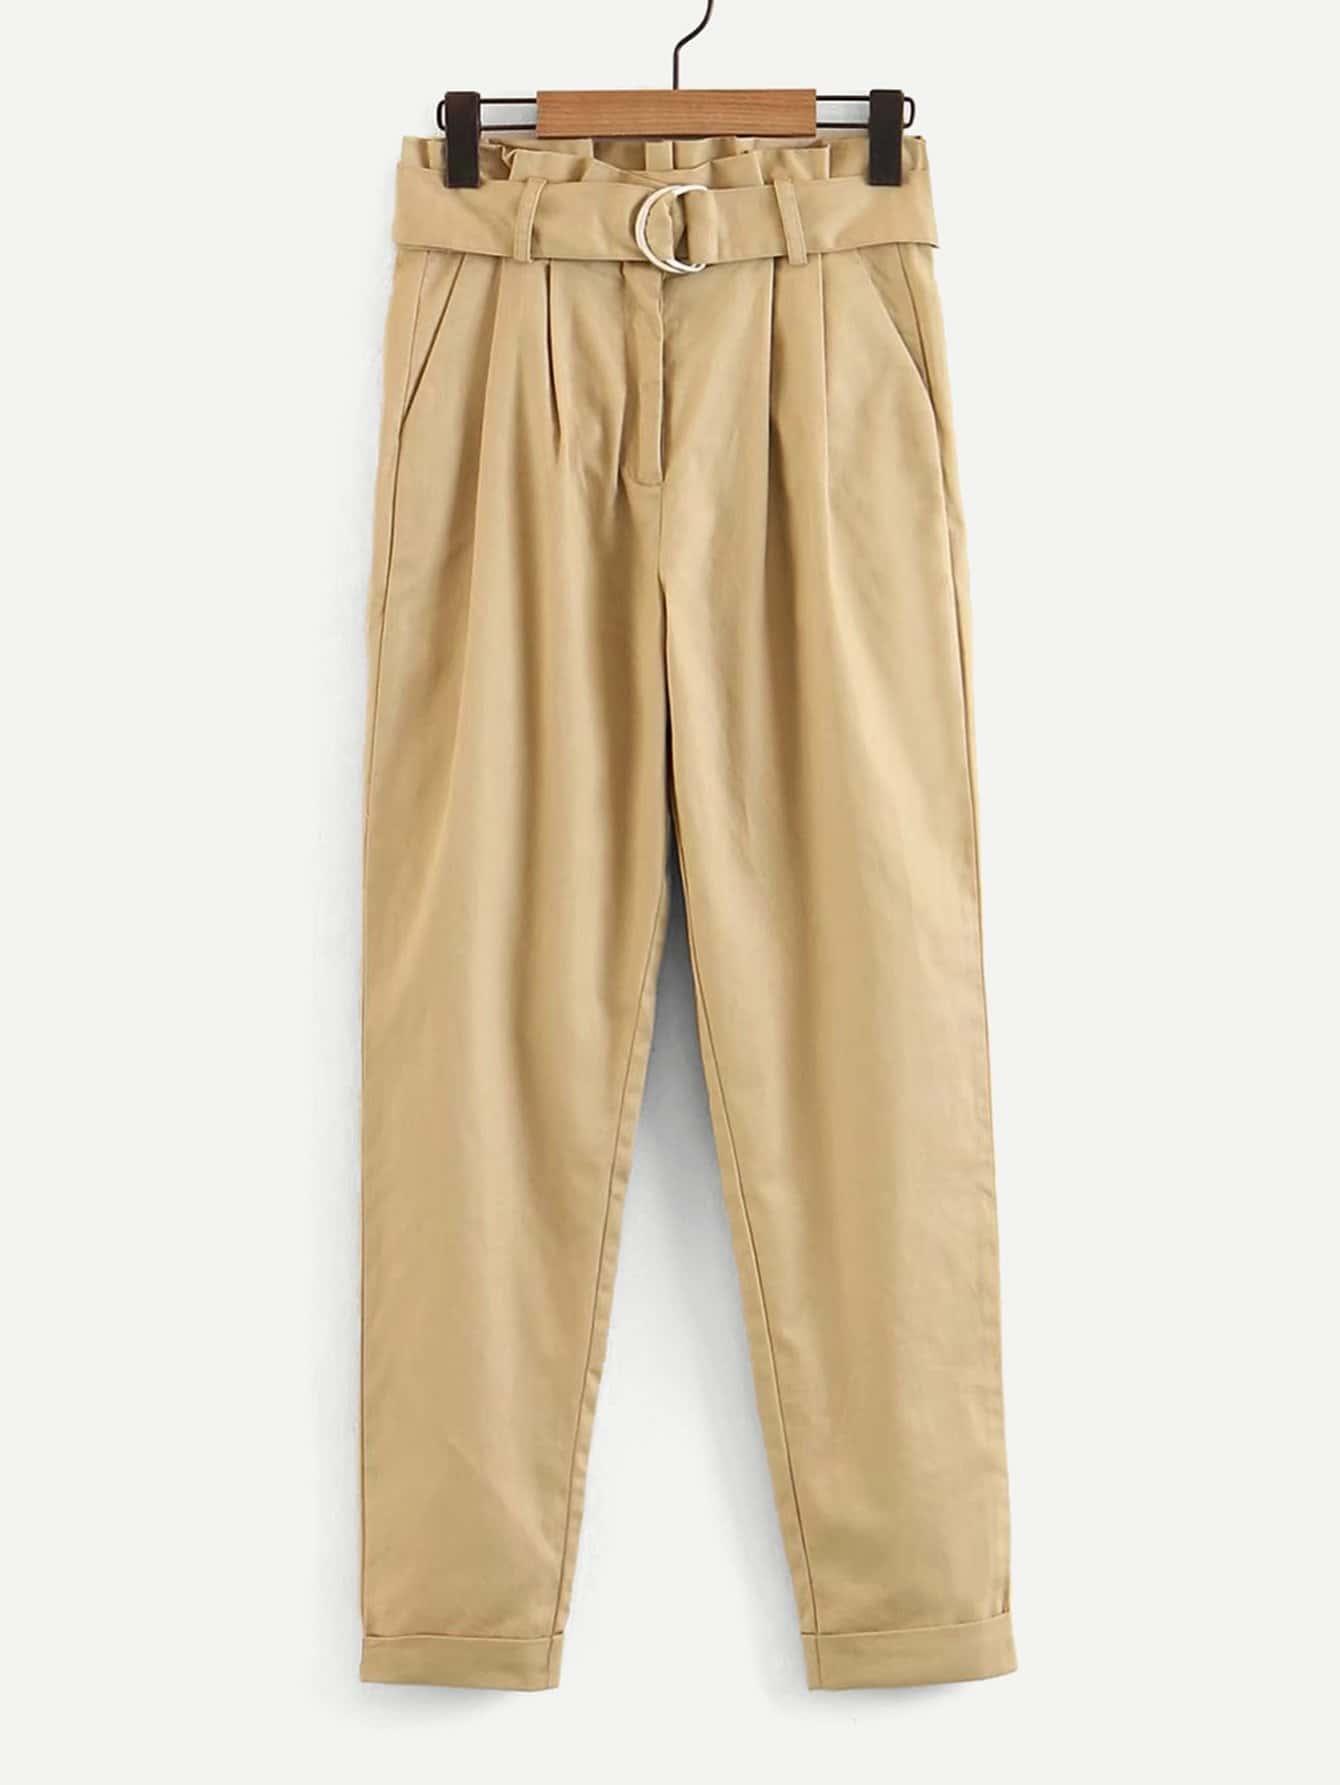 Belted Rolled Hem Pants solid rolled hem pants